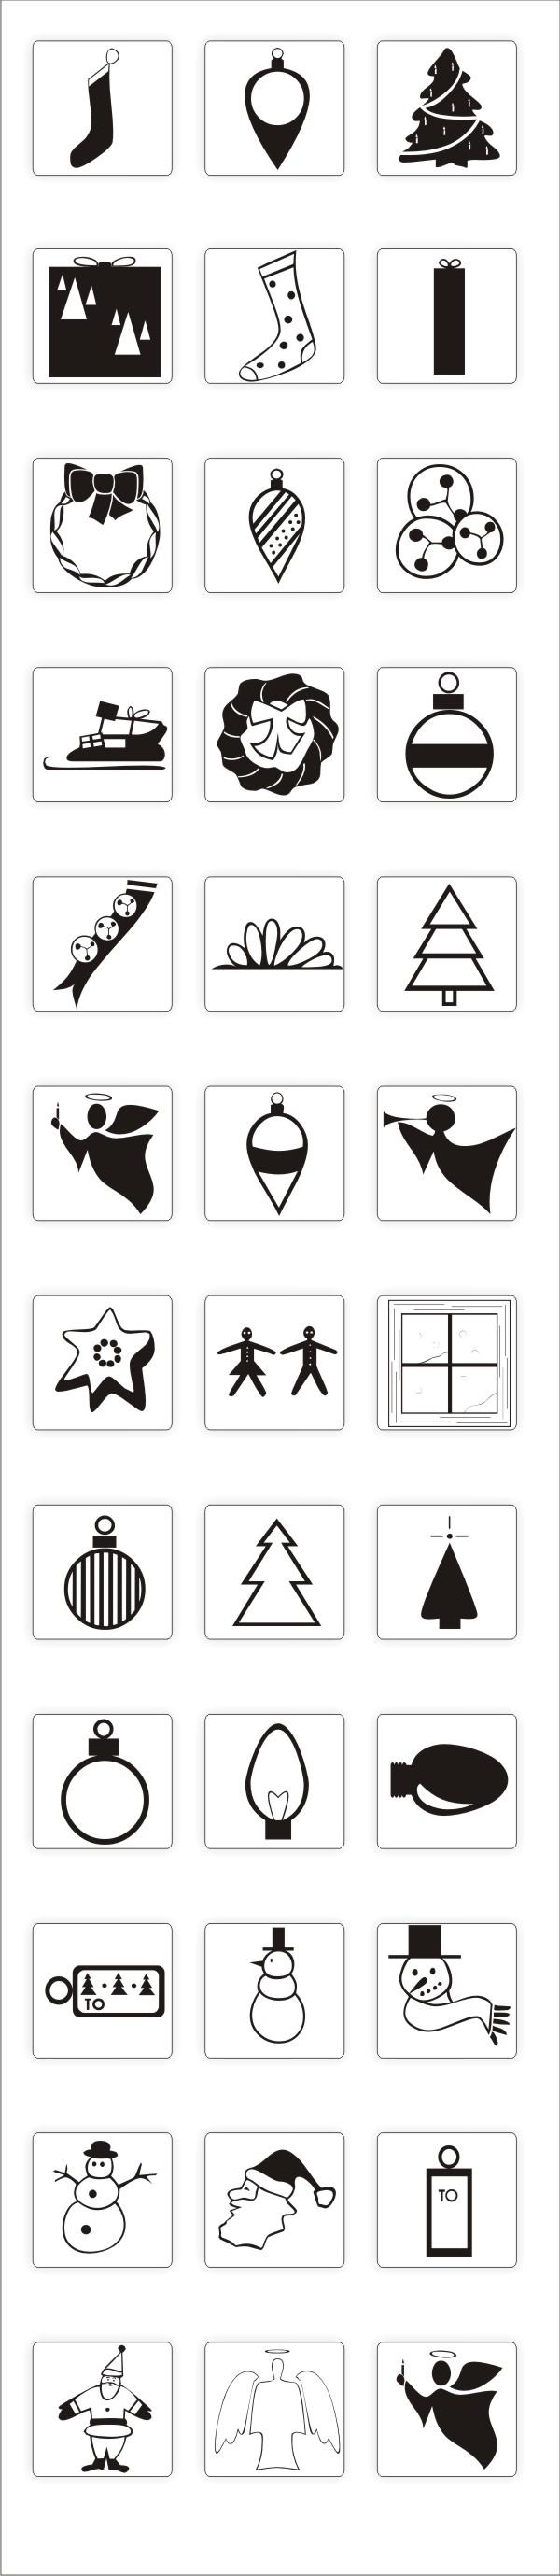 36 X-Mas Icons